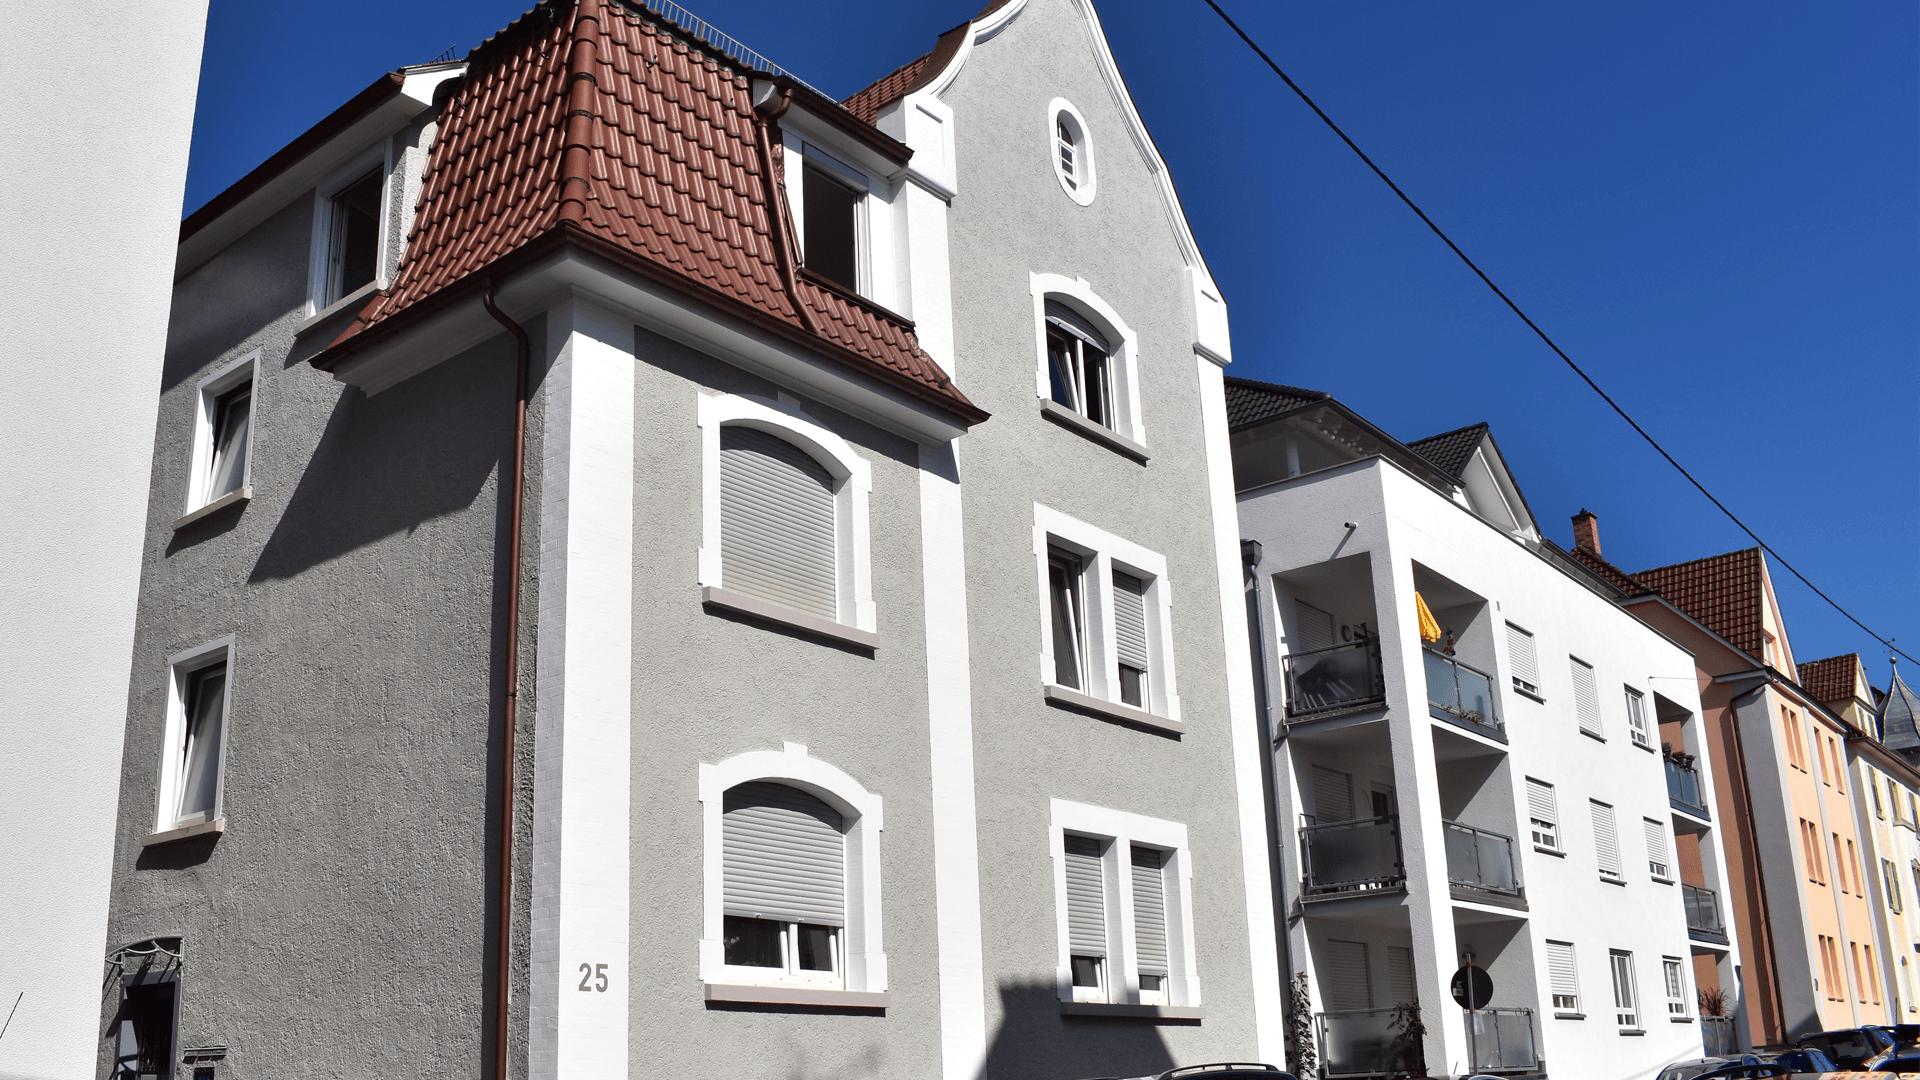 Aispachstrasse, Reutlingen